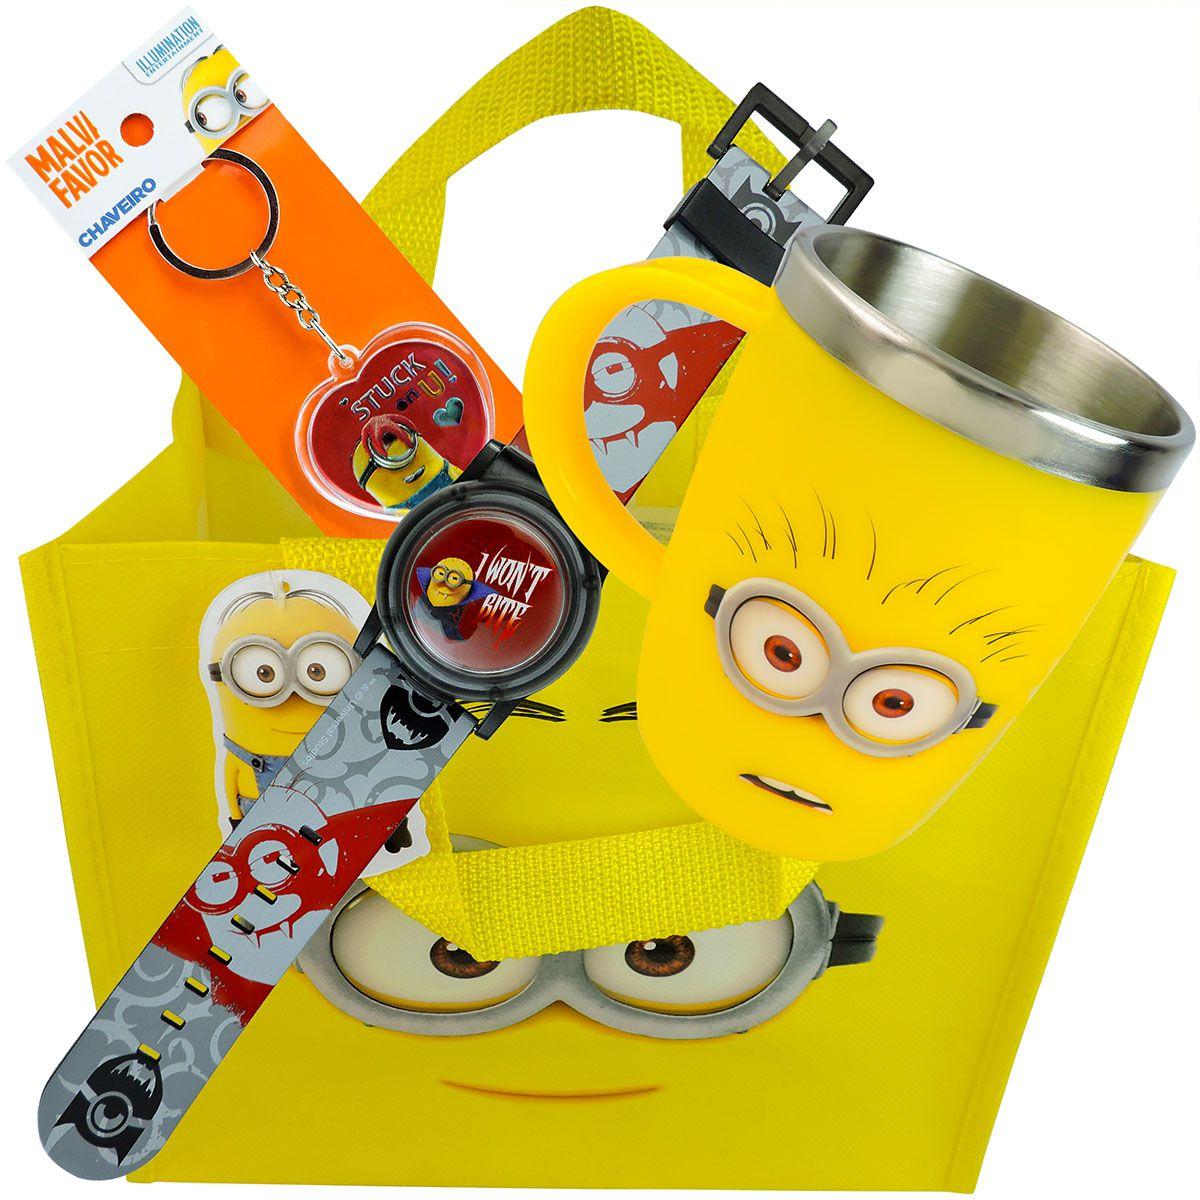 Relógio De Pulso Minions + Caneca Térmica + Chaveiro + Sacola